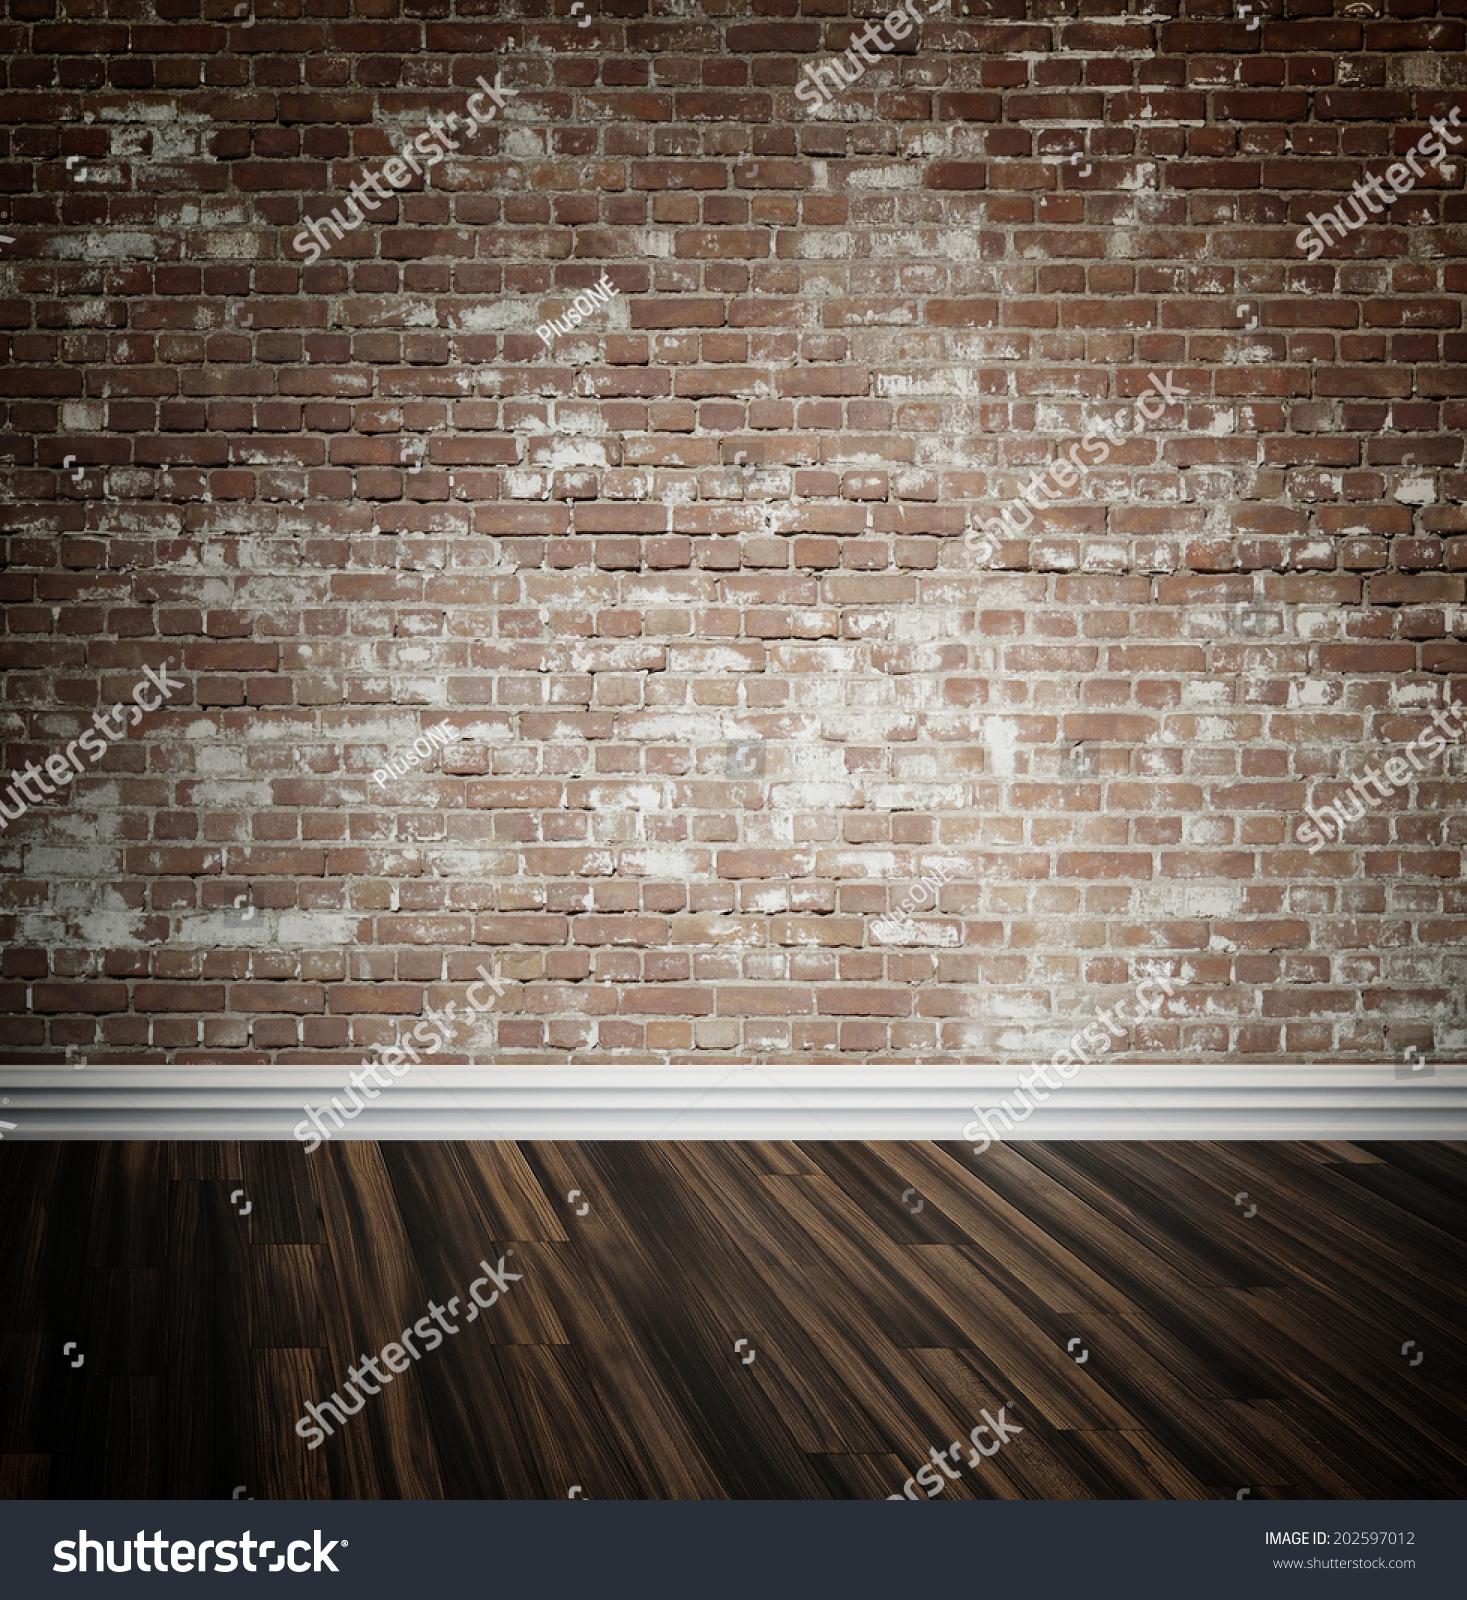 Rustic Face Brick Interior Wall Wooden Stock Illustration 202597012 Shutterstock